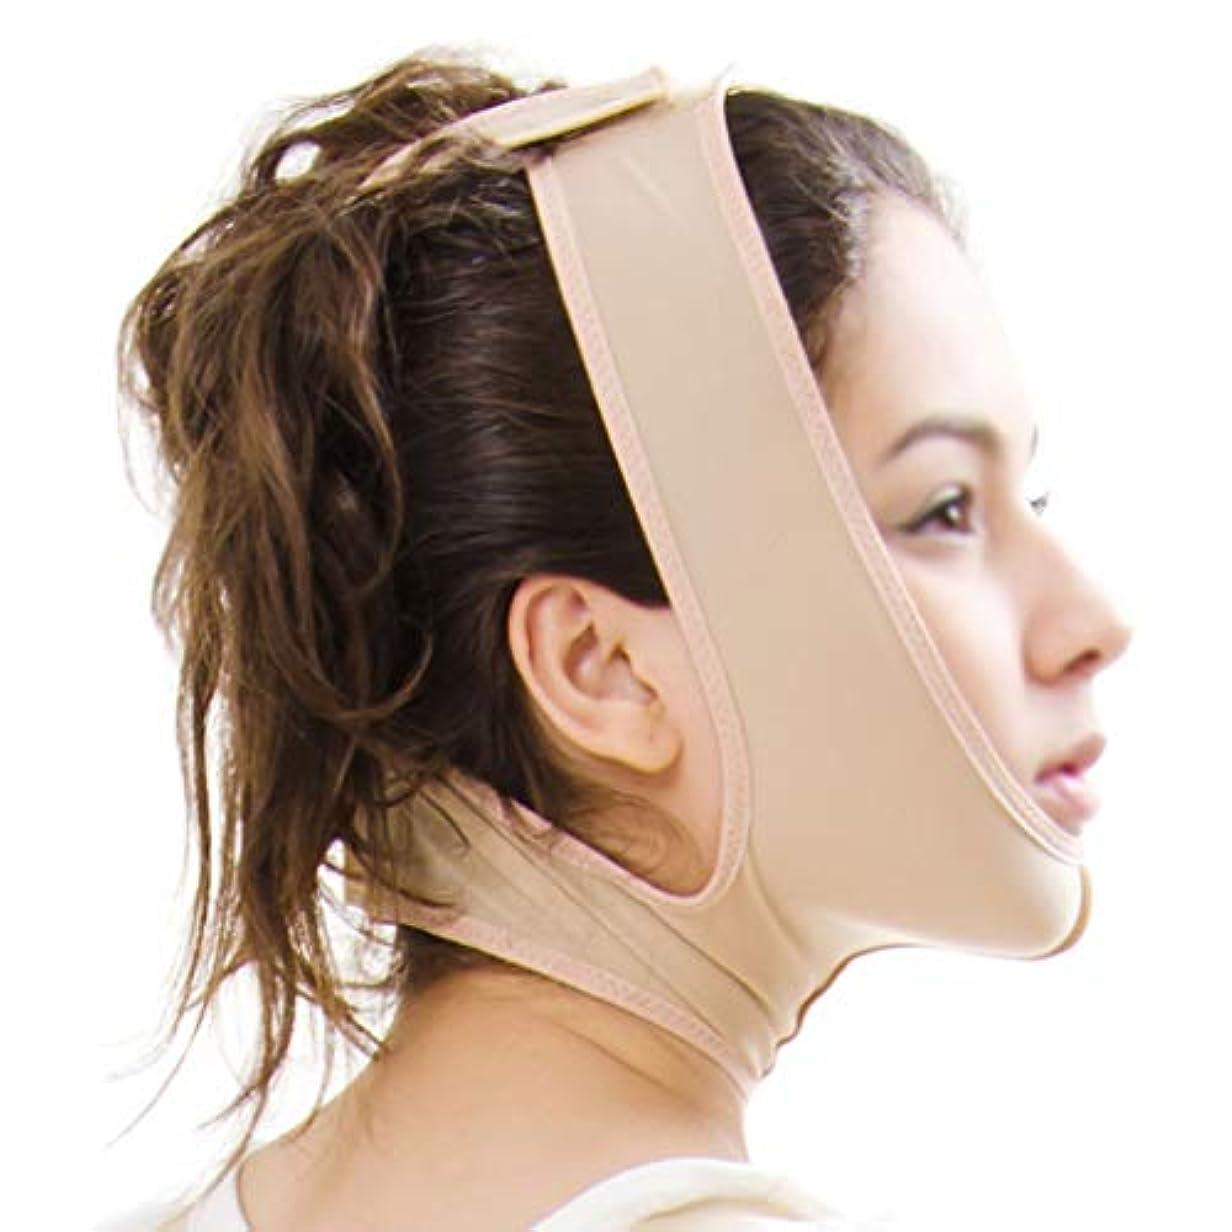 祈り申し立てる識別するGLJJQMY 顔面リフティング包帯あごの首と首の二重あごの脂肪吸引術後創傷マスク 顔用整形マスク (Size : S)